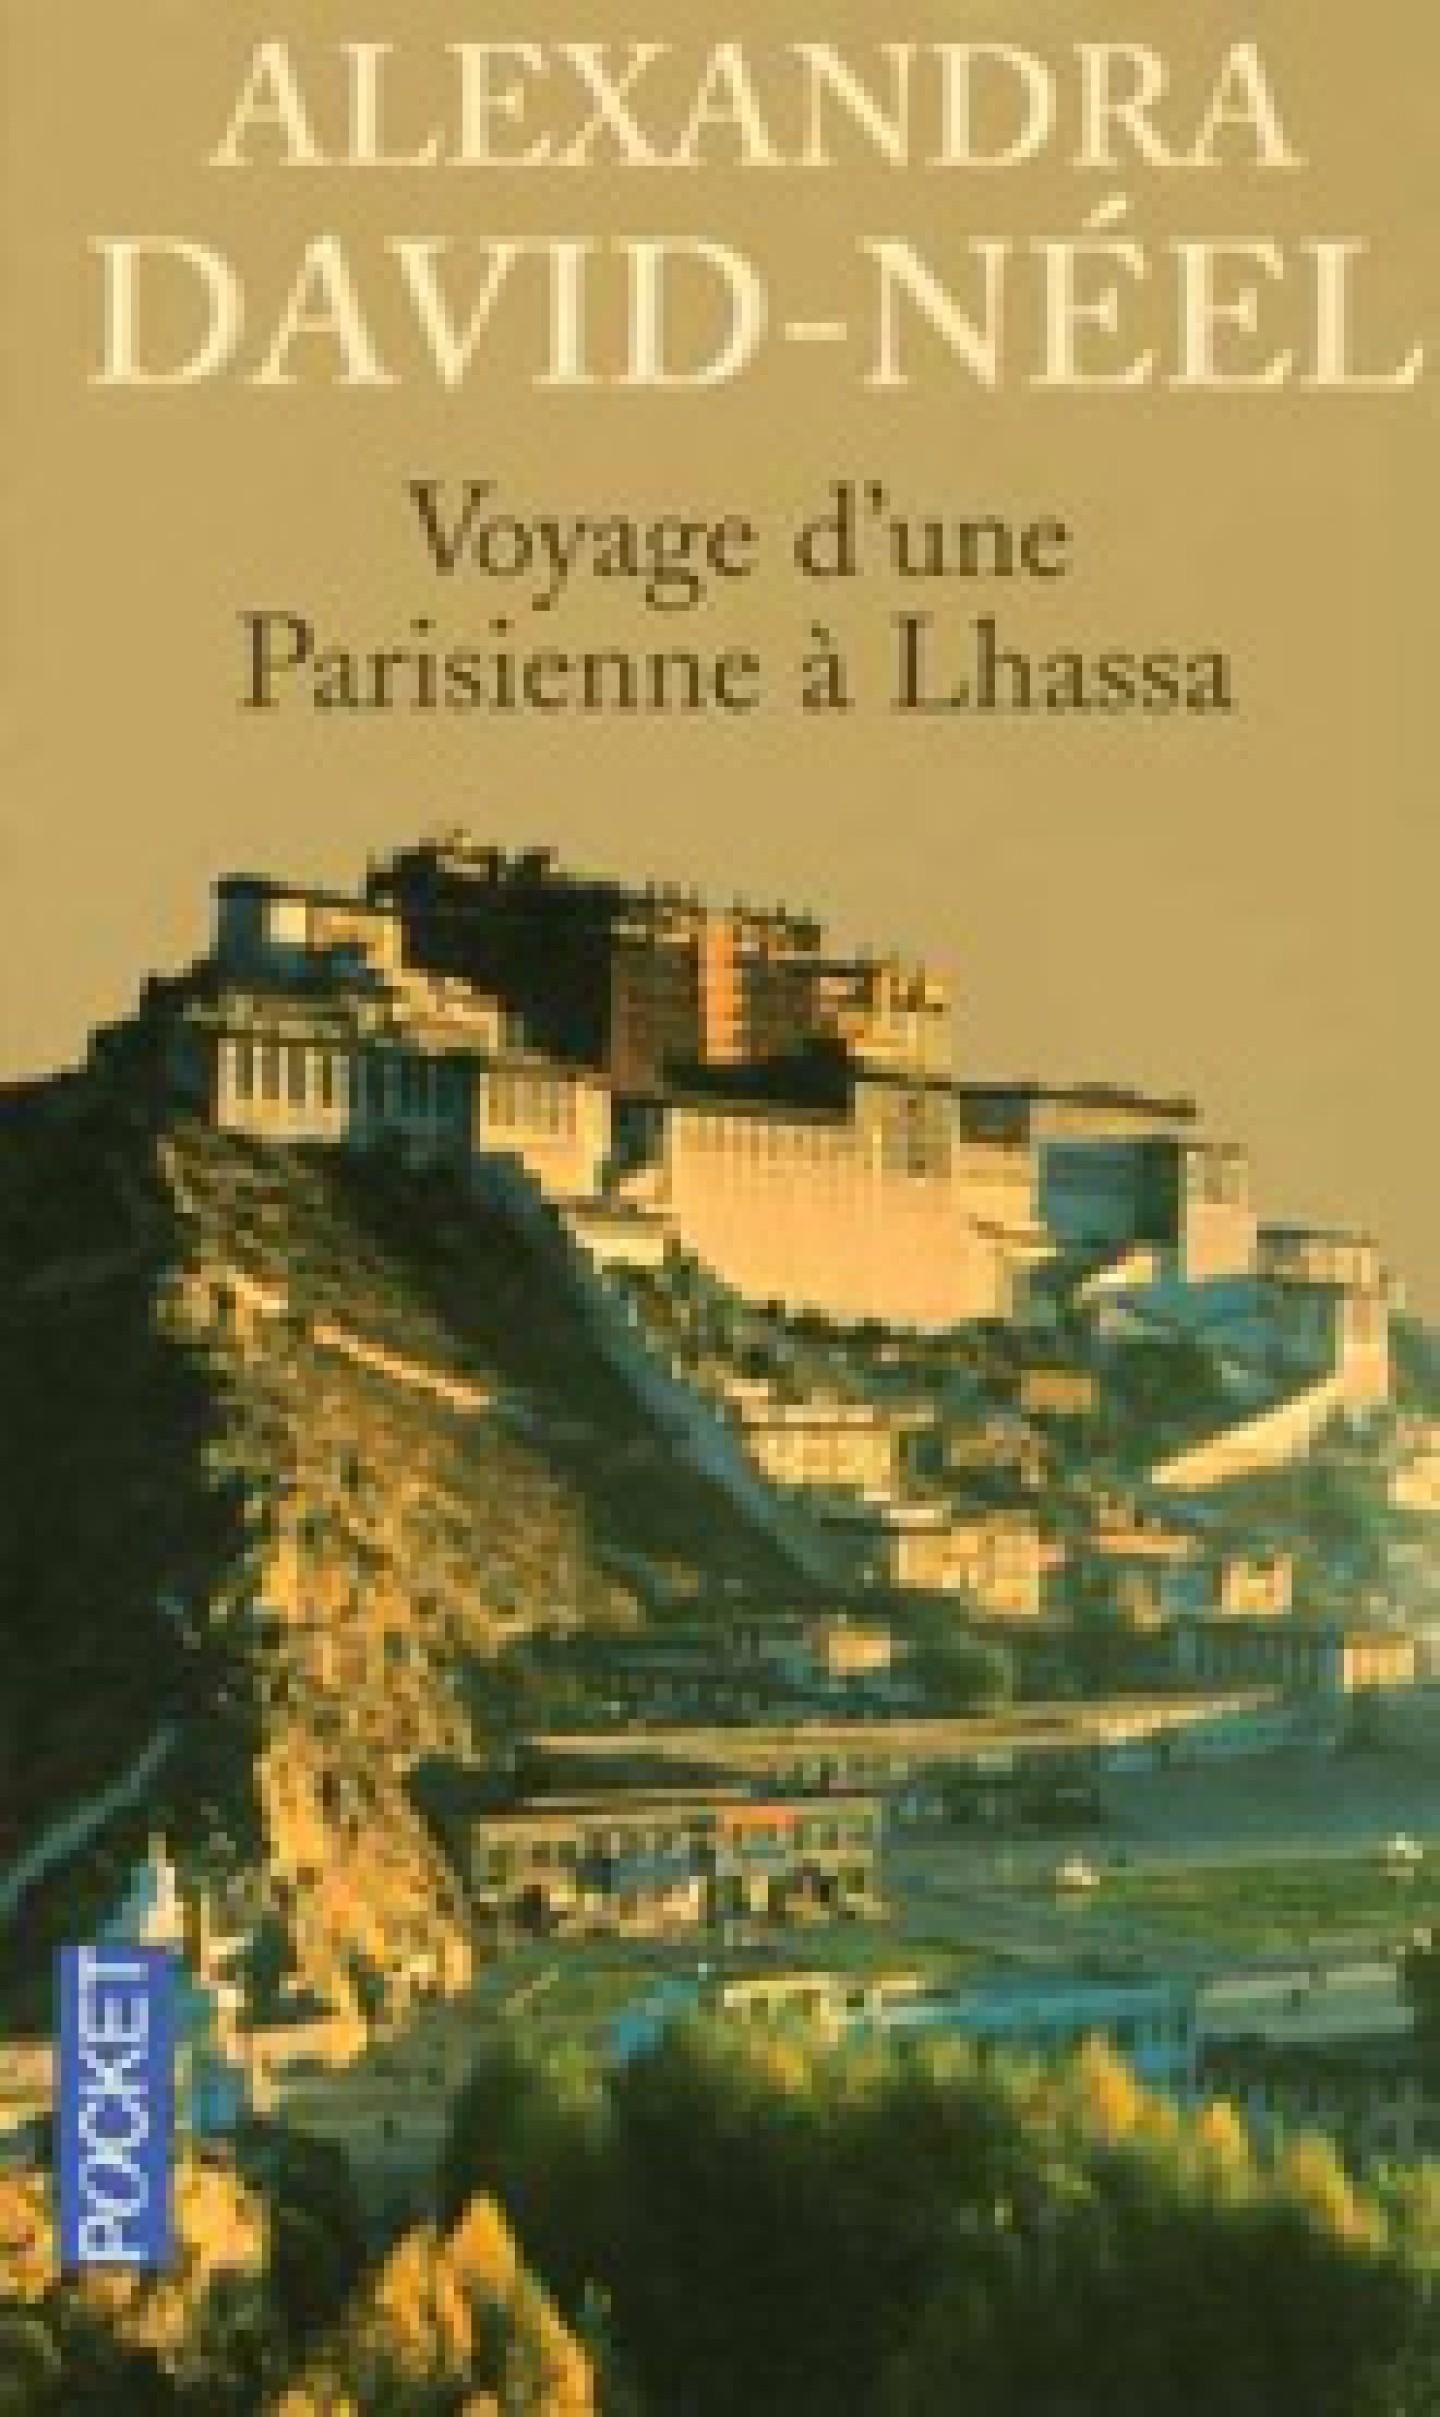 Couverture du livre Voyage d'une Parisienne à Lhassa - Alexandra David Neel